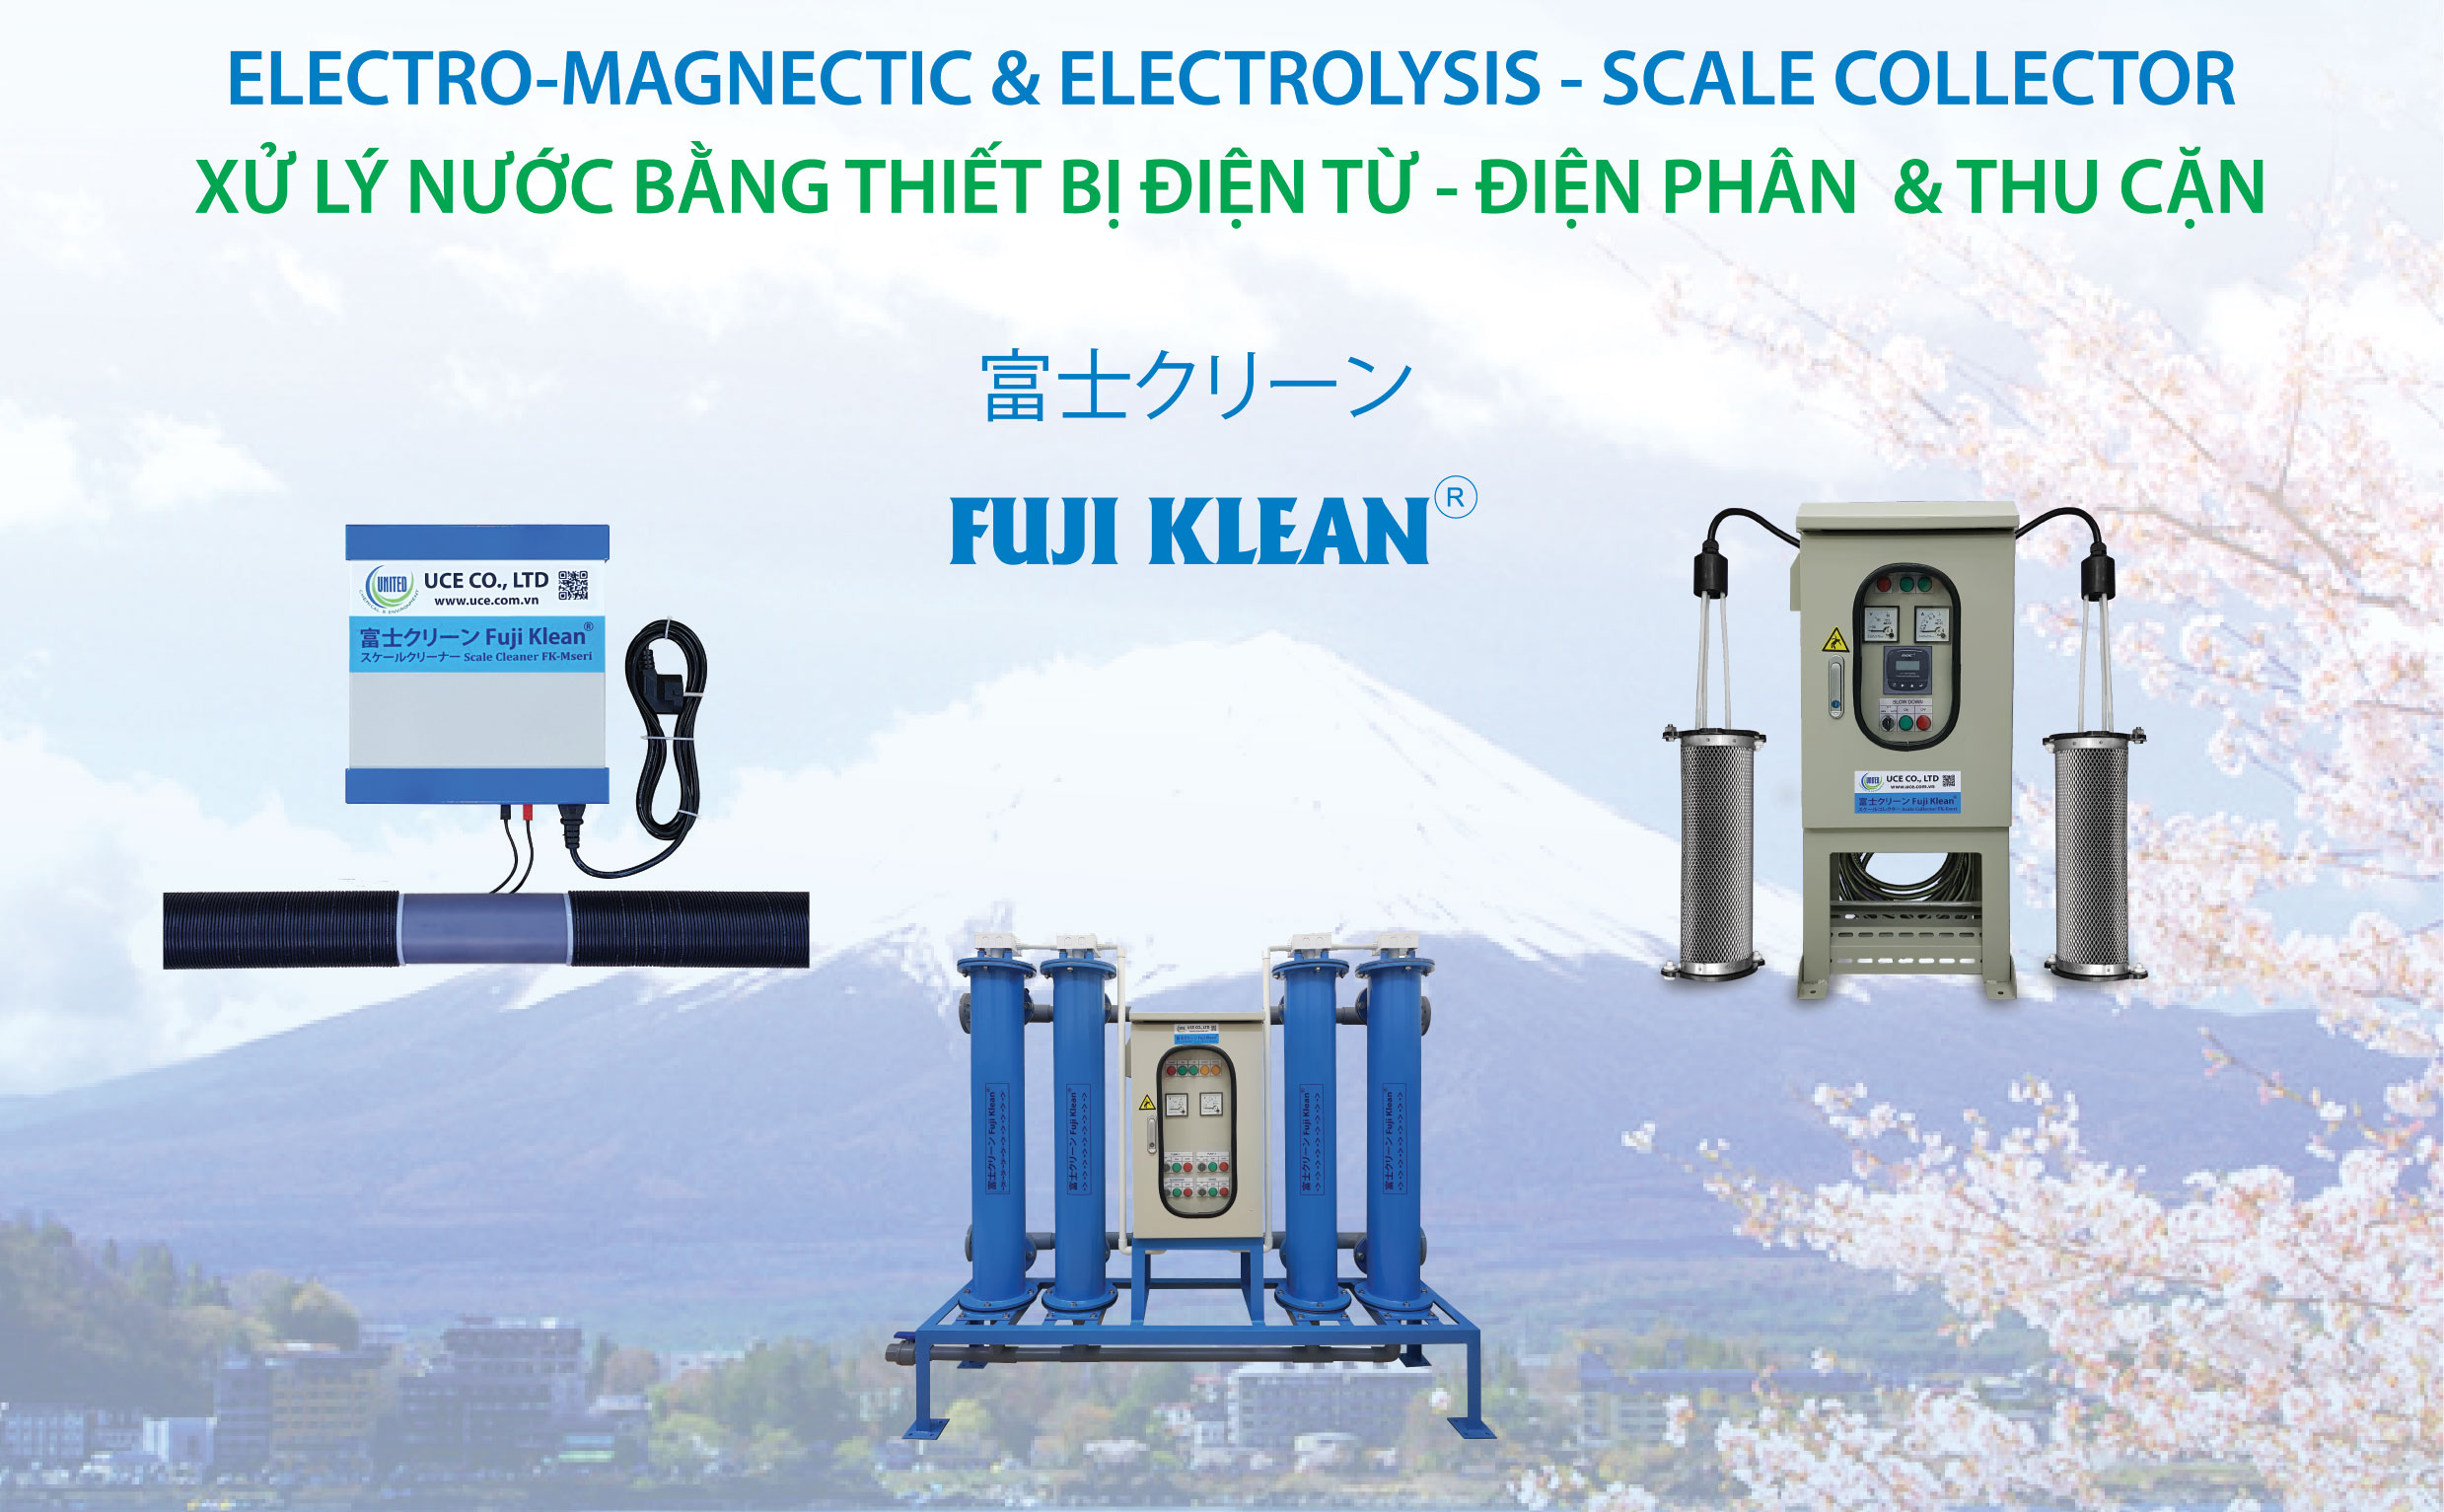 Fuji Klean - Thiết bị xử lý cáu cặn chất lượng cao